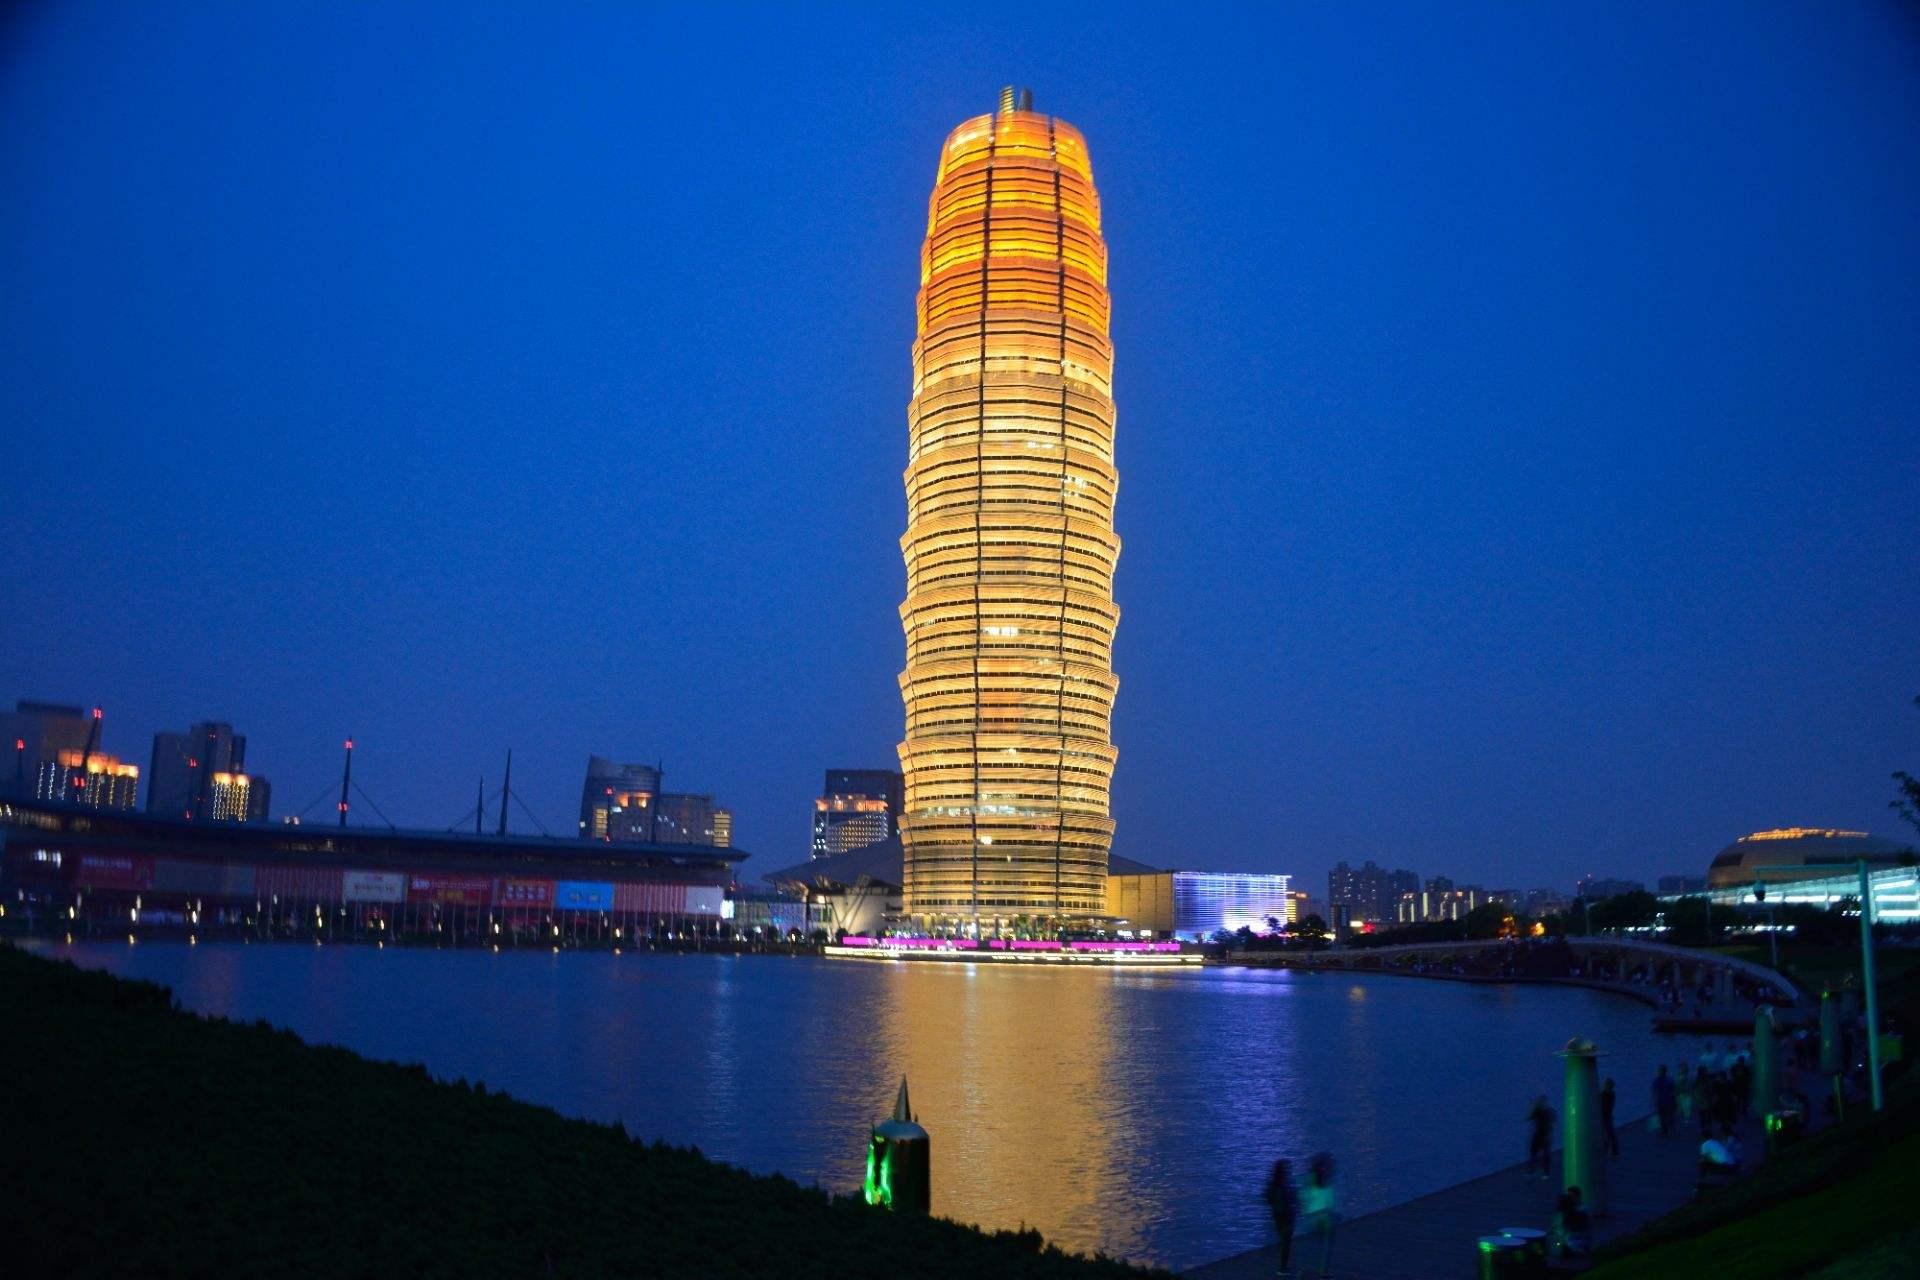 2020郑州玉米楼观光厅门票优惠及门票预定